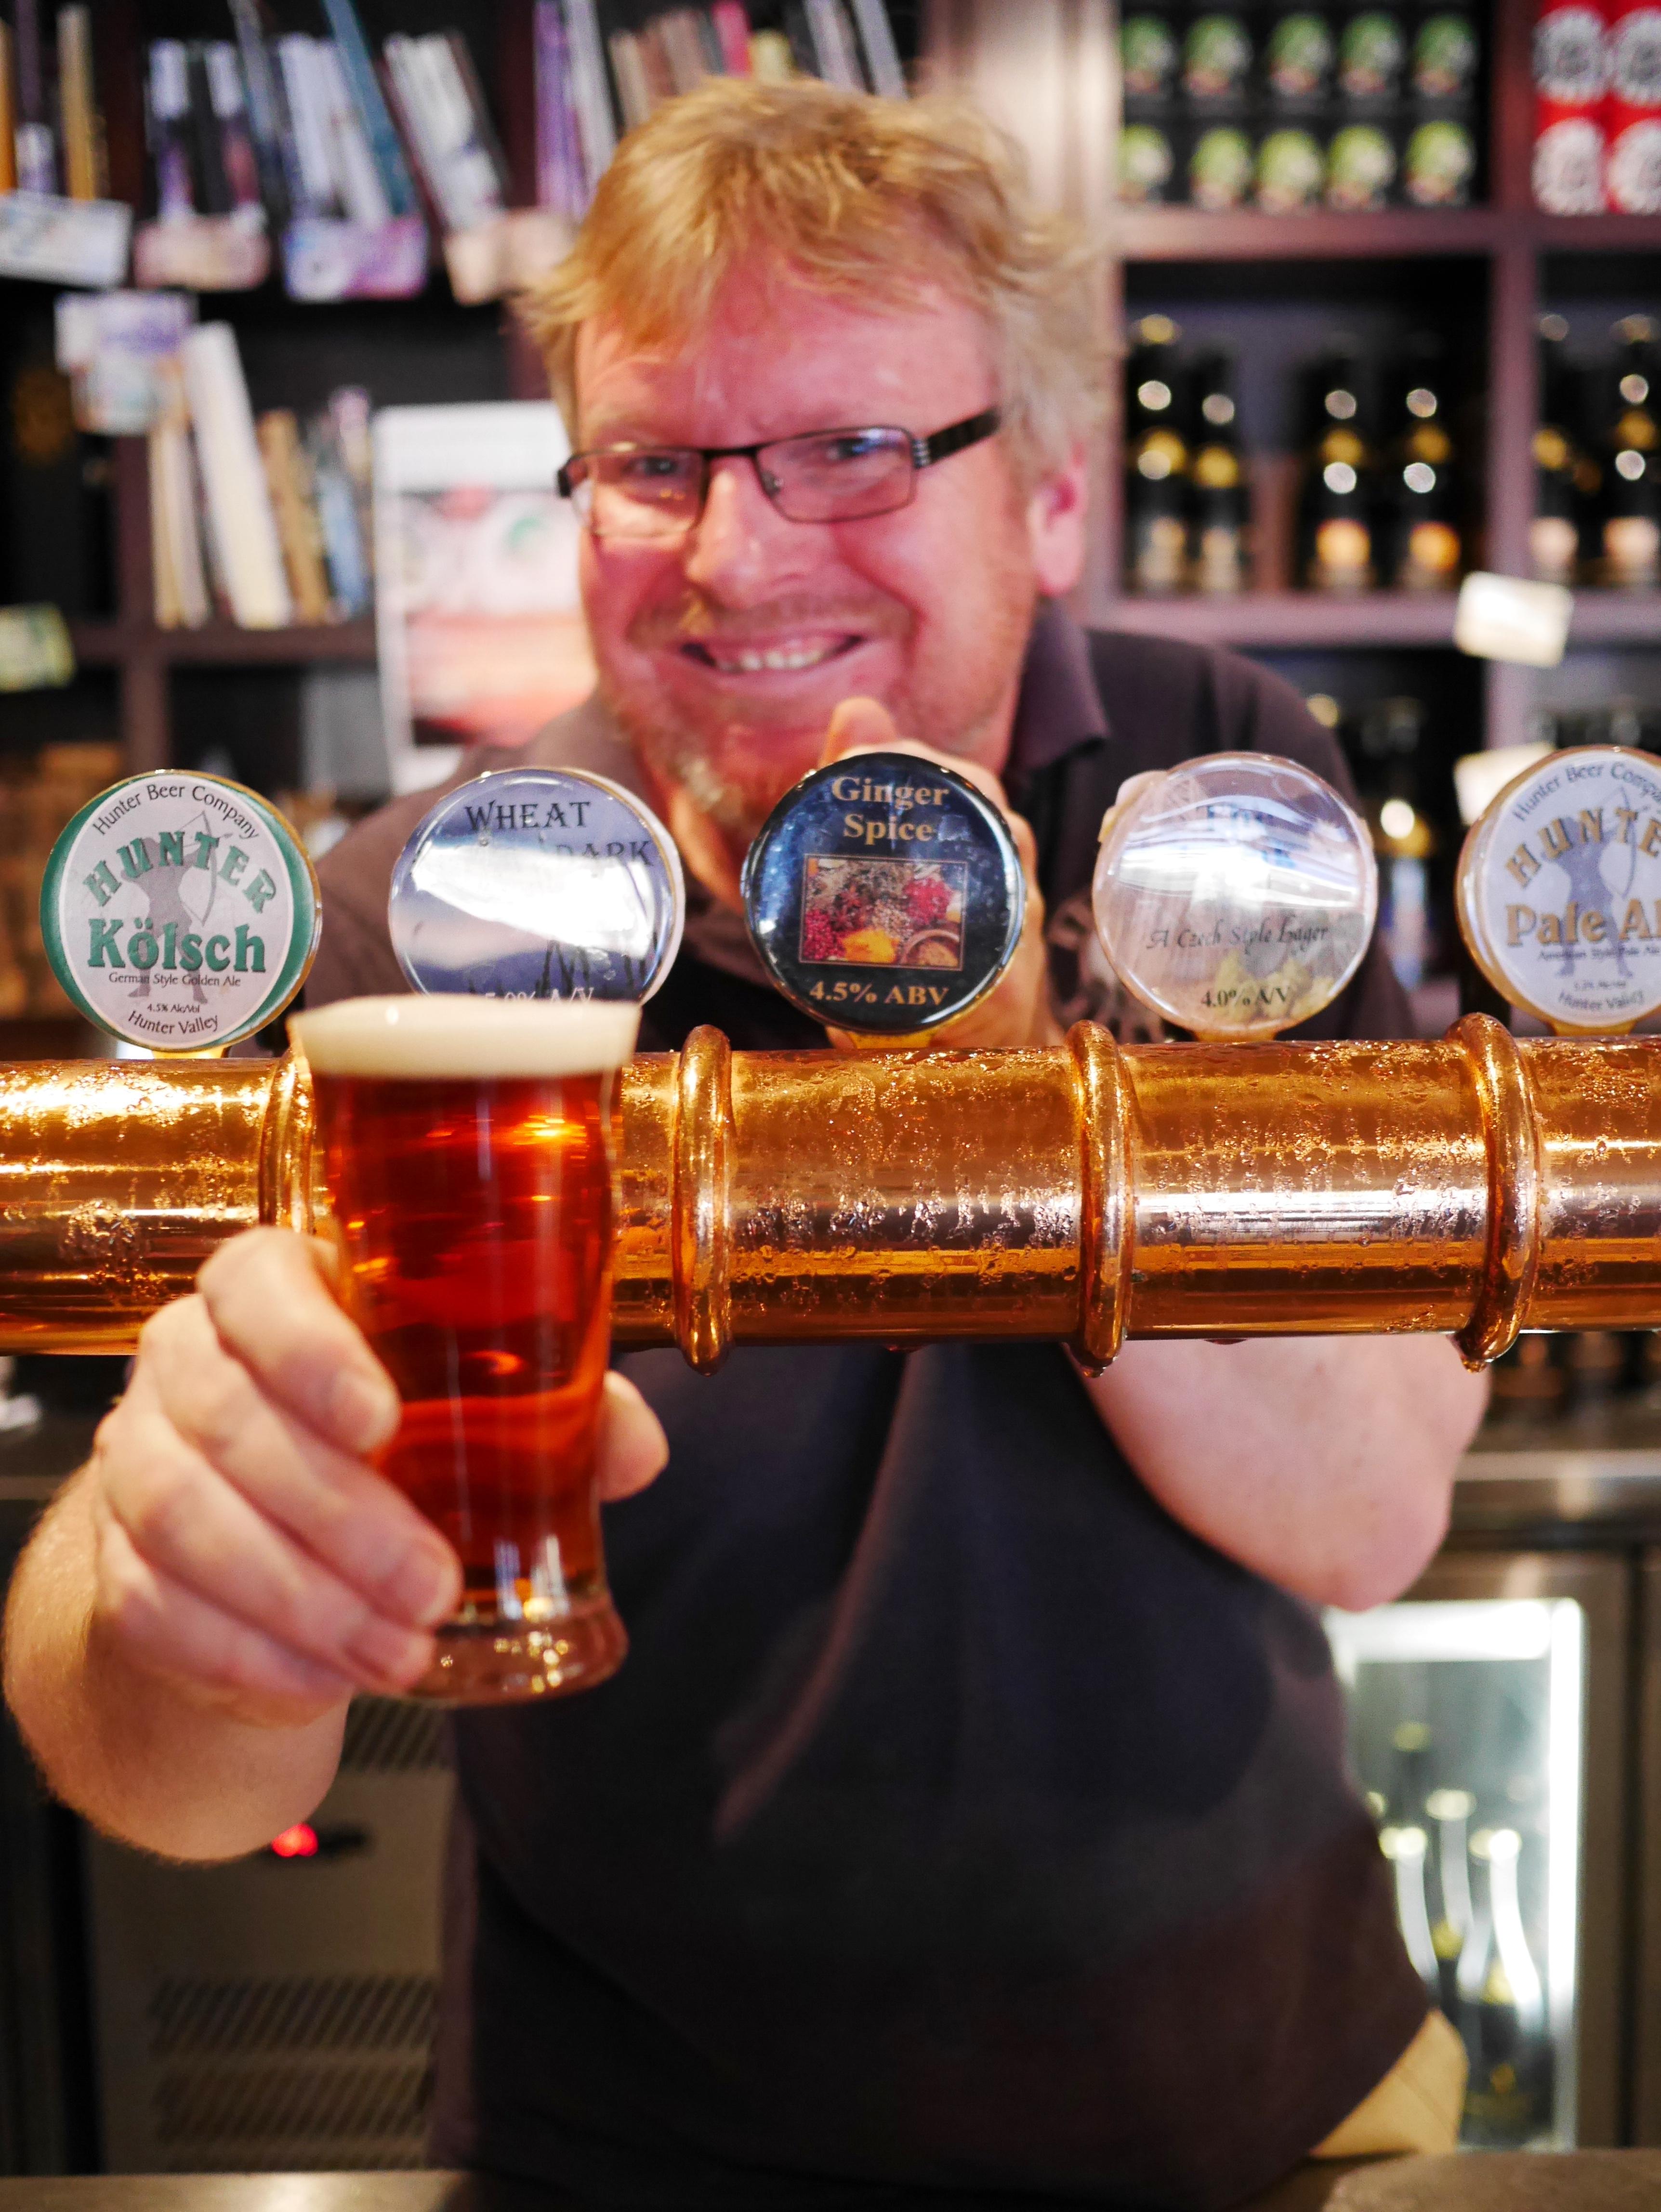 Hunter Beer Co thesweetwanderlust.com